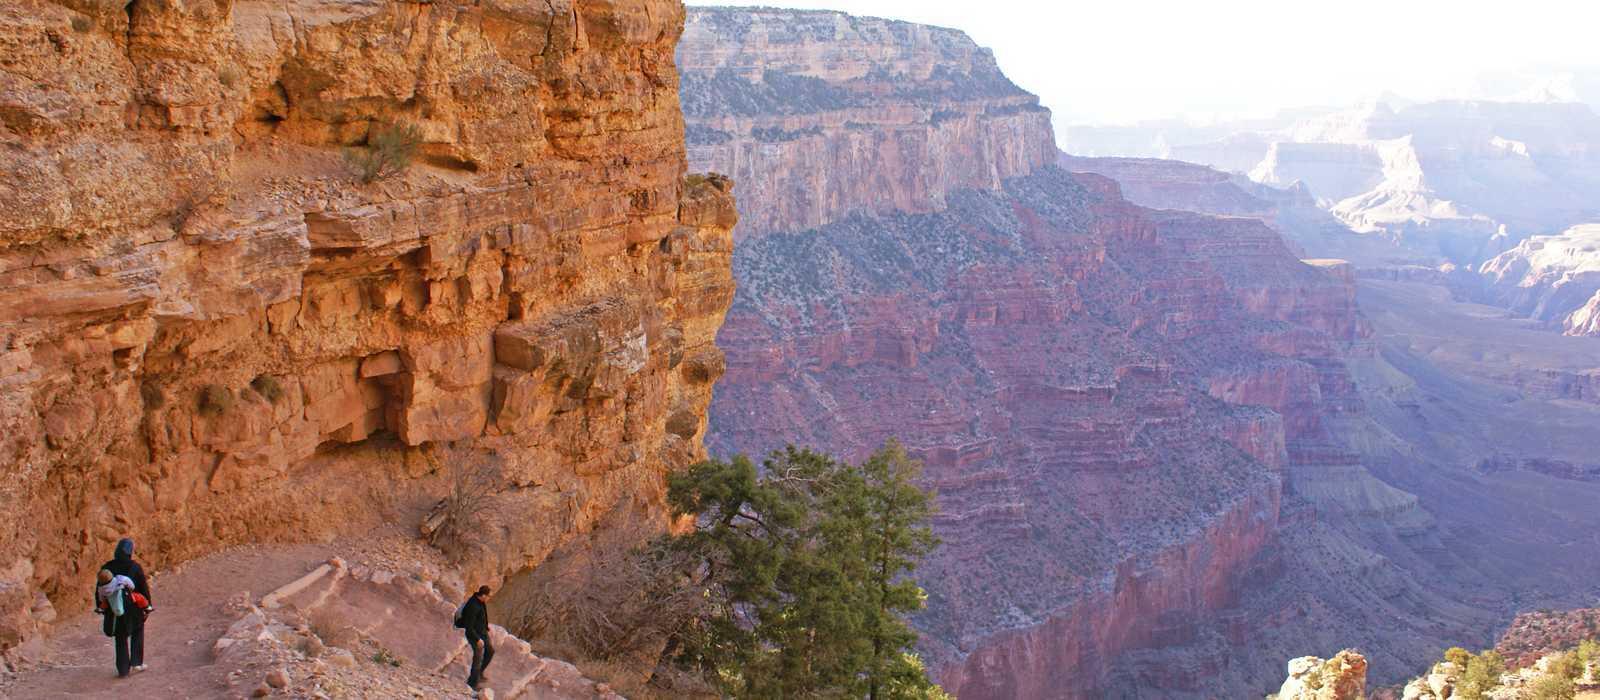 Wandern auf dem South Kaibab Trail im Grand Canyon Nationalpark